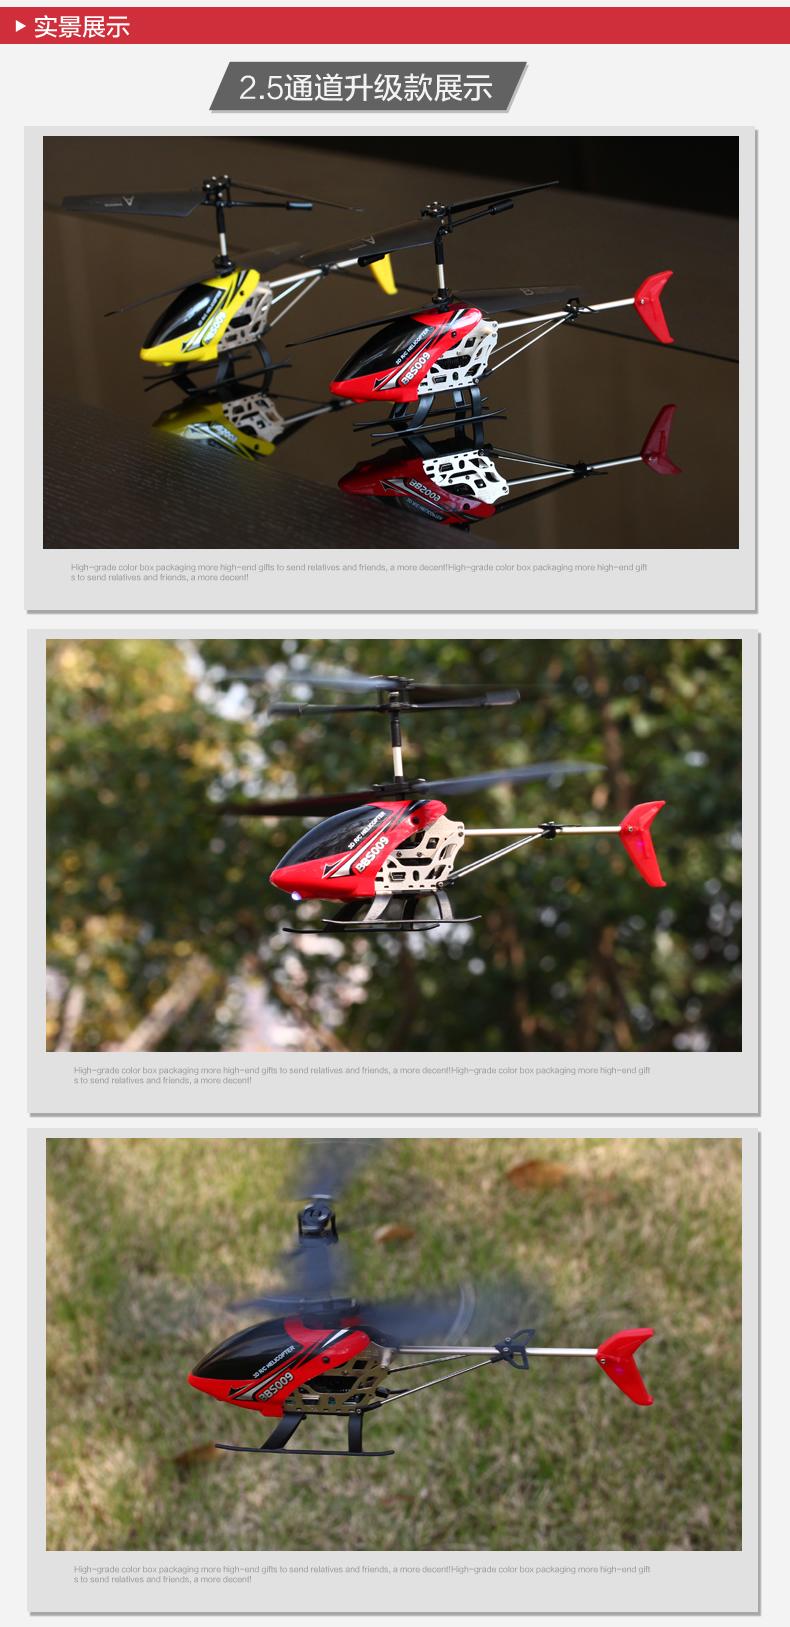 宝贝星[耐摔王]儿童玩具飞机遥控飞机遥控模型 遥控直升飞机099t 黄2.